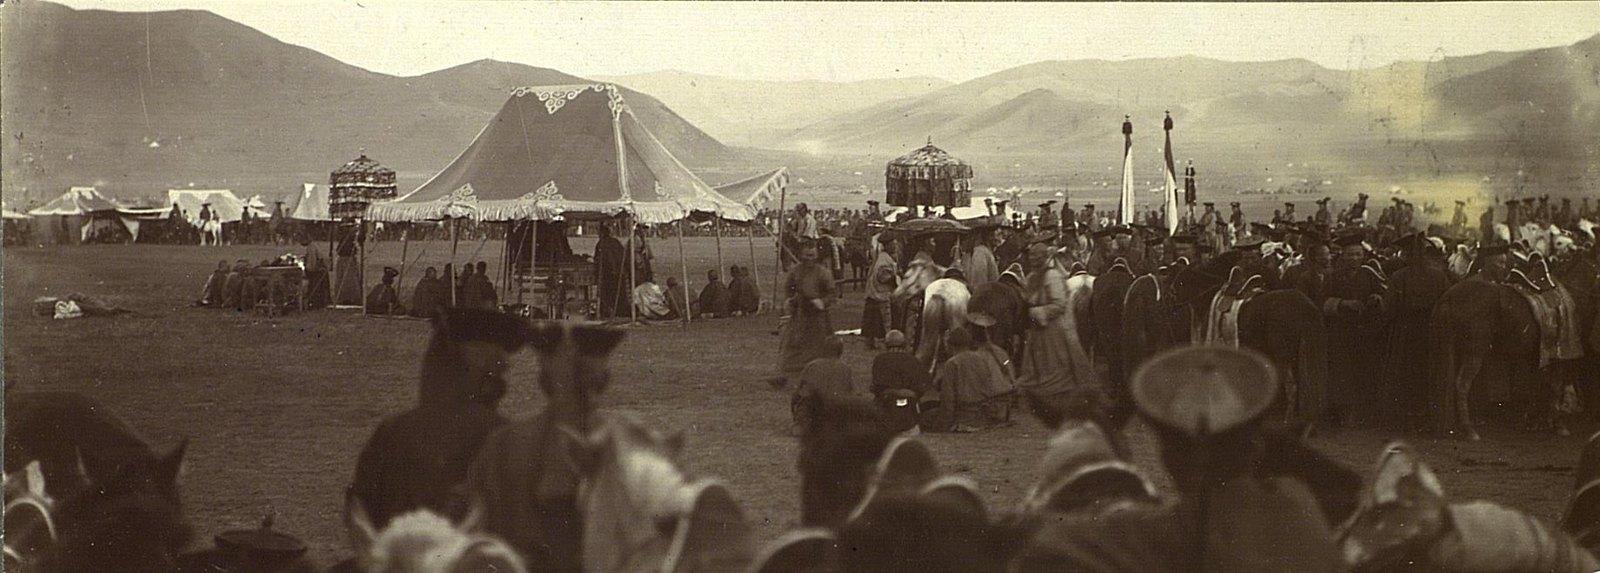 Отчитывание лошади перед палаткой Богдо-Гегена